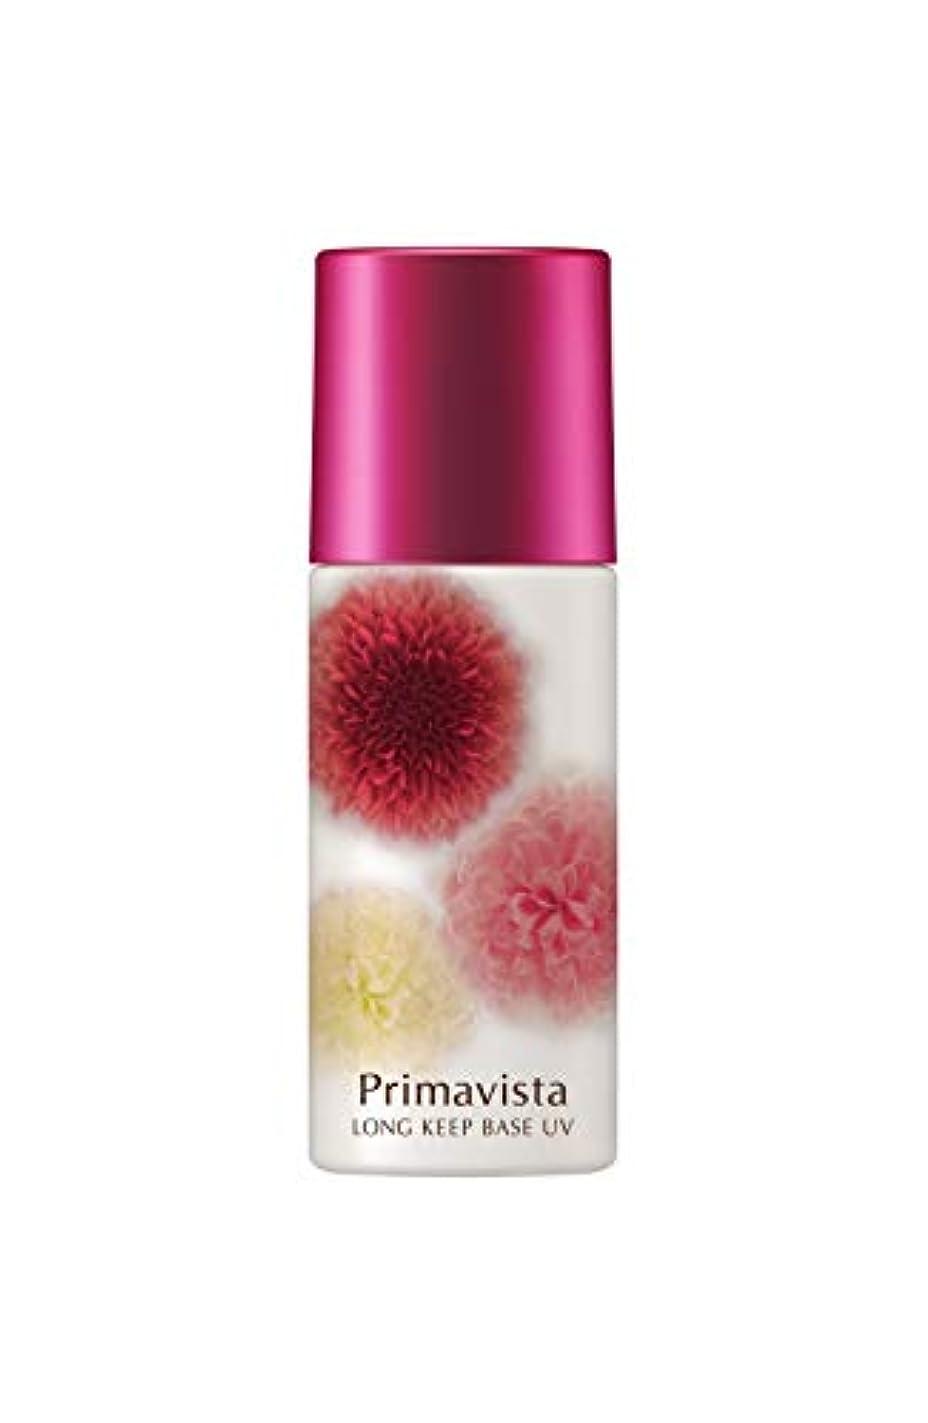 否認する不完全な運搬プリマヴィスタ 皮脂くずれ防止化粧下地UV 限定デザイン